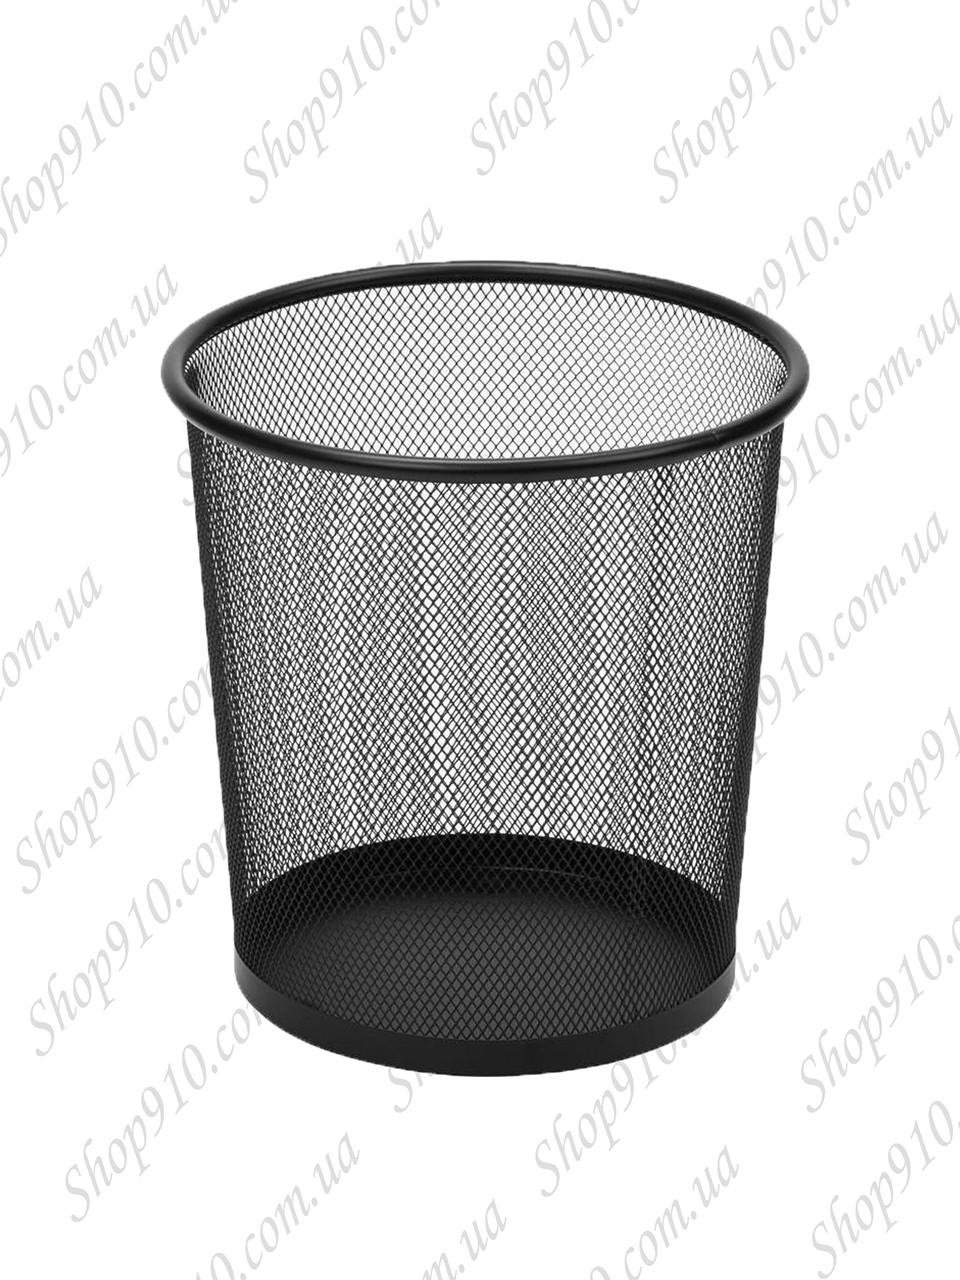 Офисная корзина для бумаги и мусора (маленькая, чёрная)